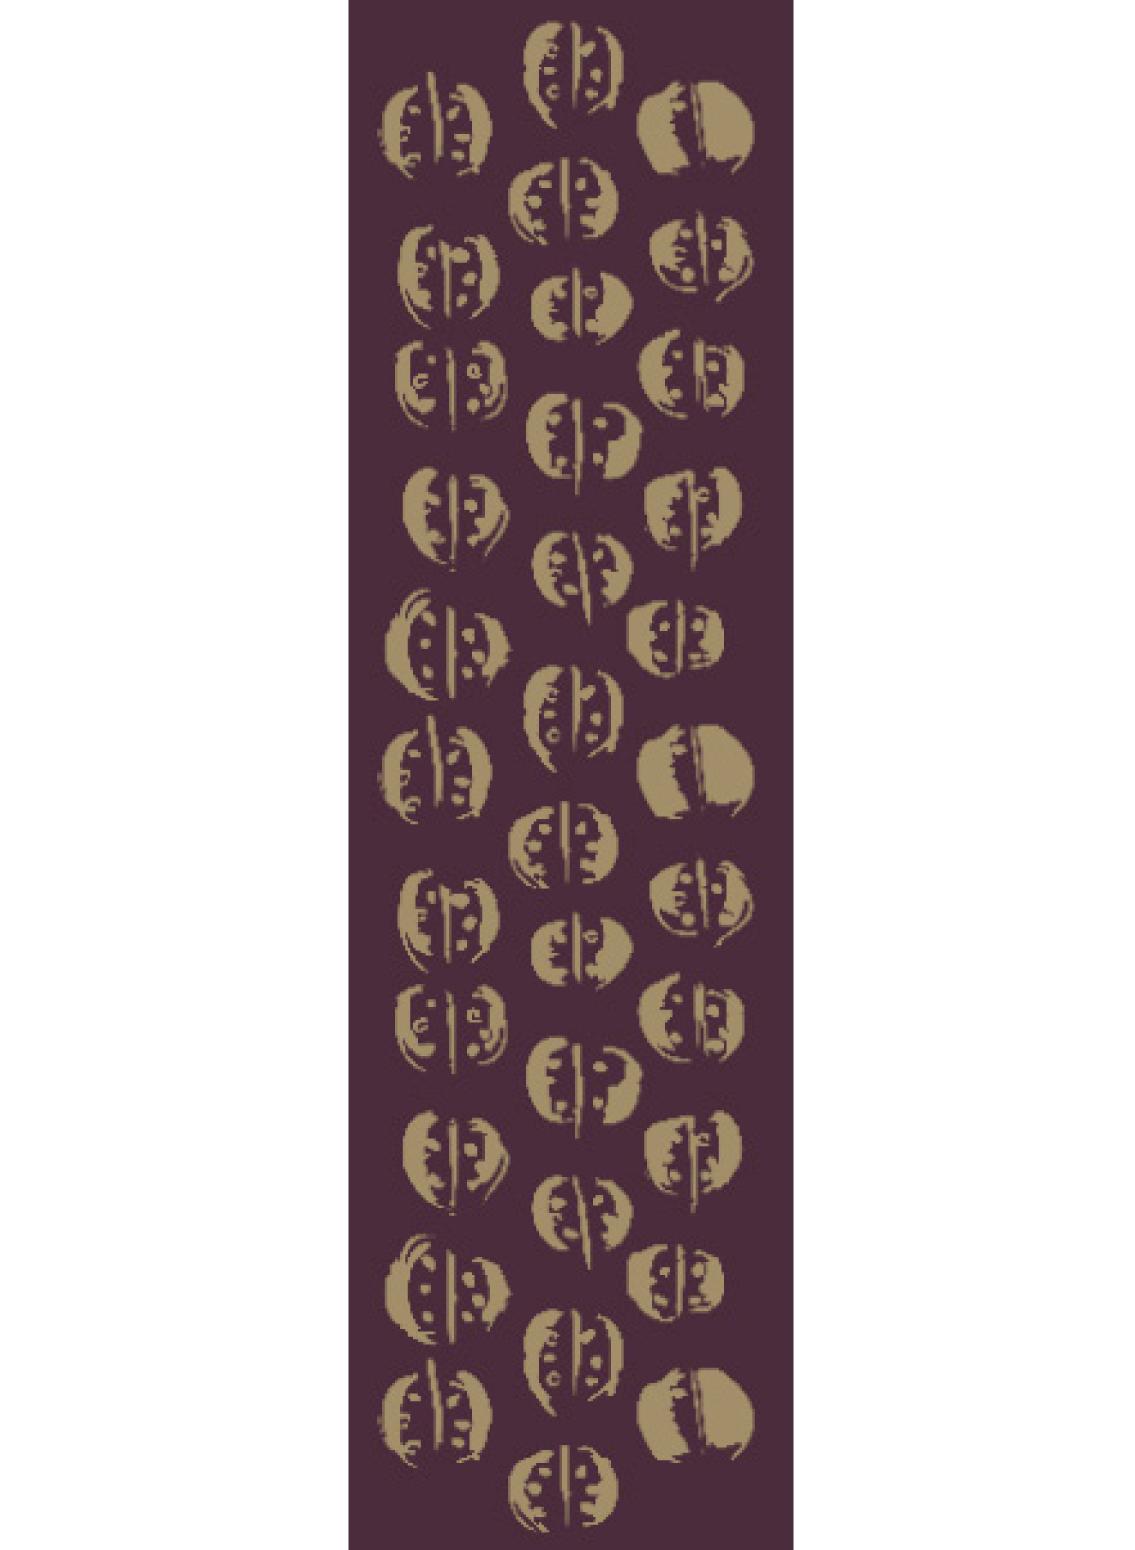 Bedruckter Schal für Herren mit japanischem Druck vom Modelabel Sekai Colori